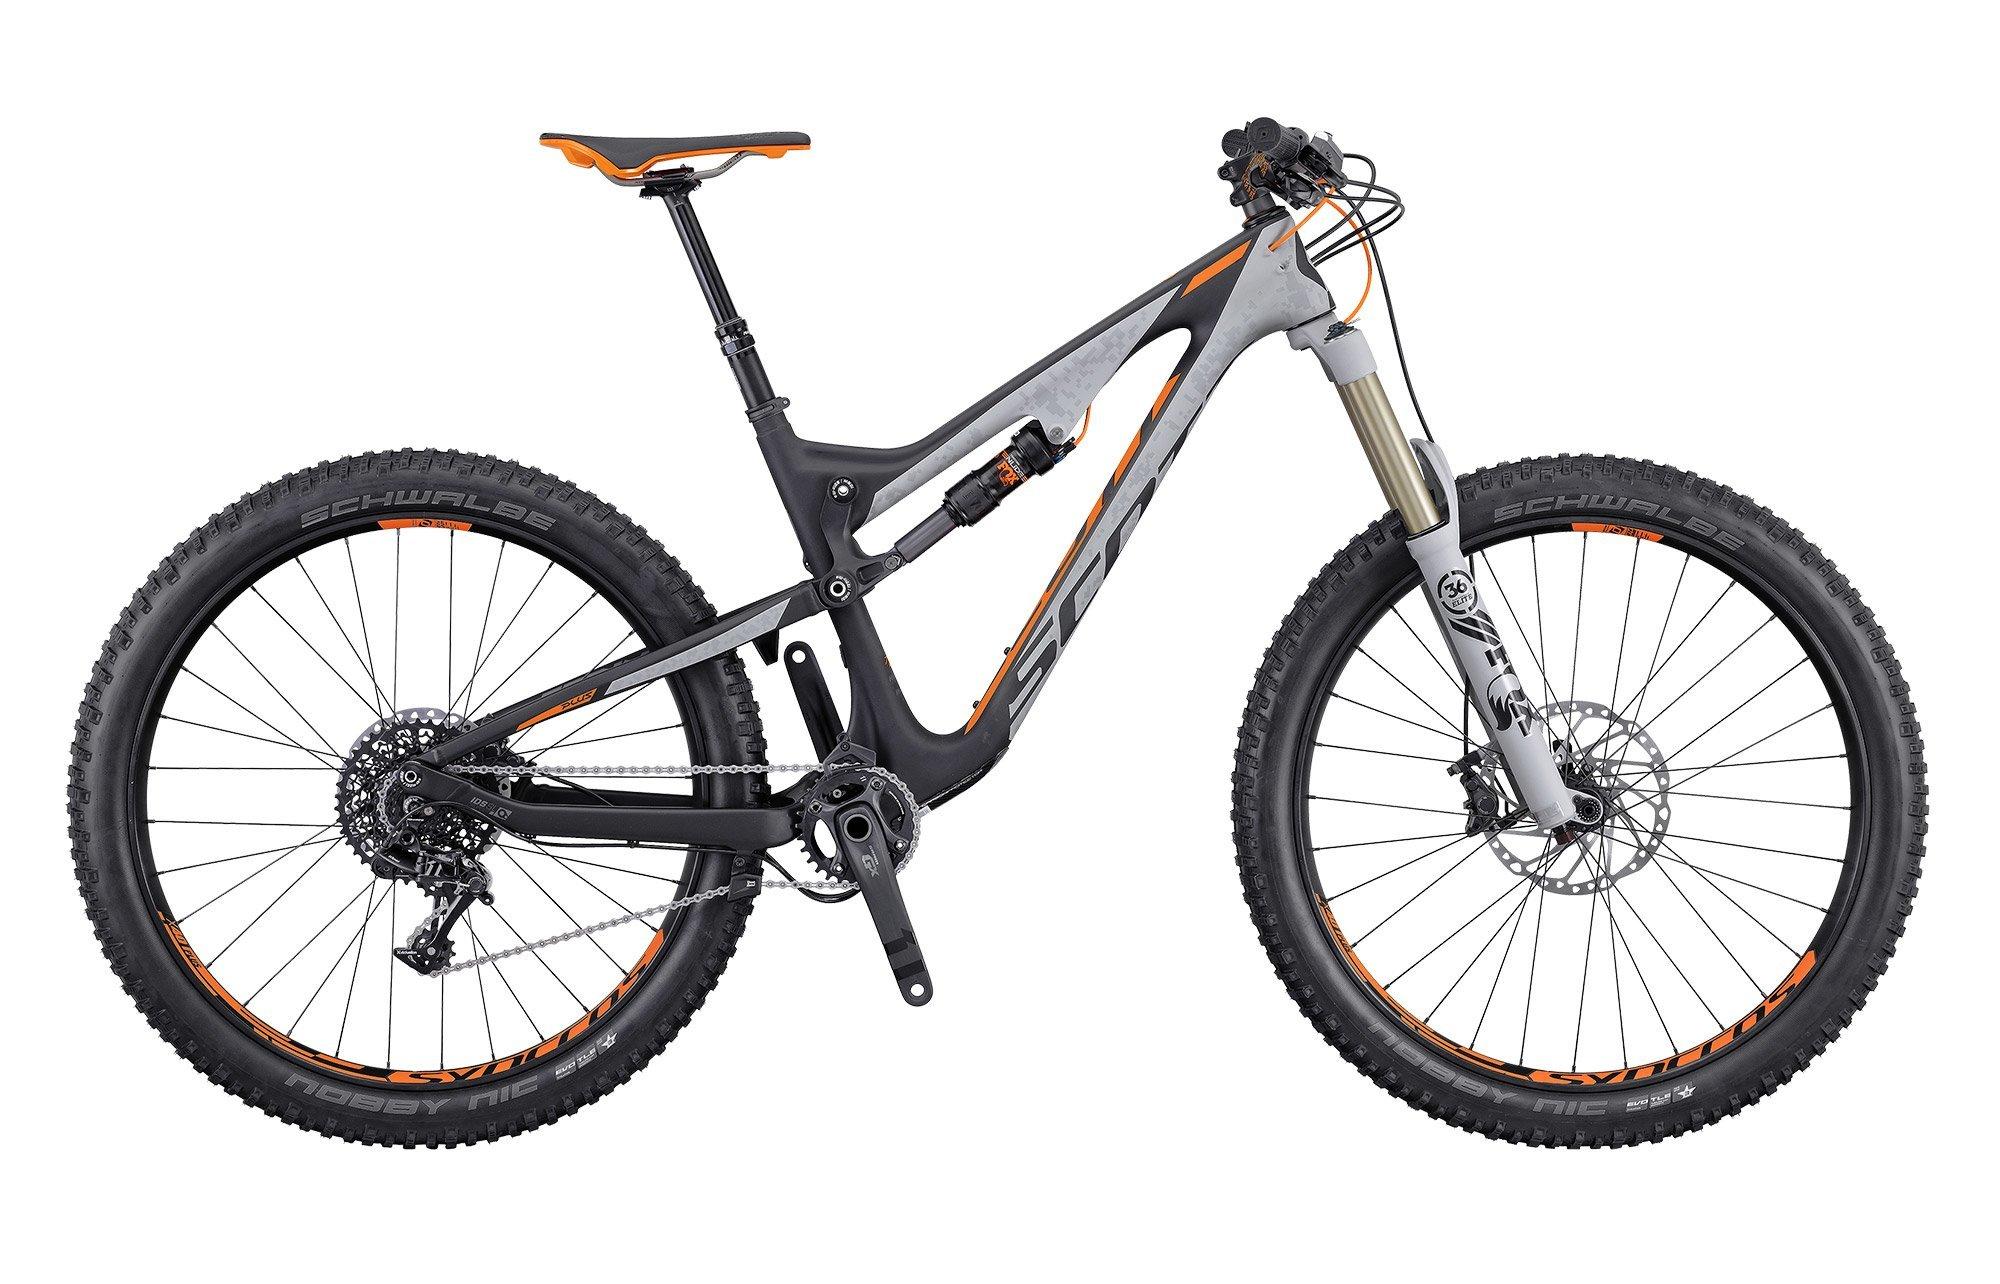 21ceaeb5c61 2016 Scott Genius LT 710 Plus Bike | R&A Cycles